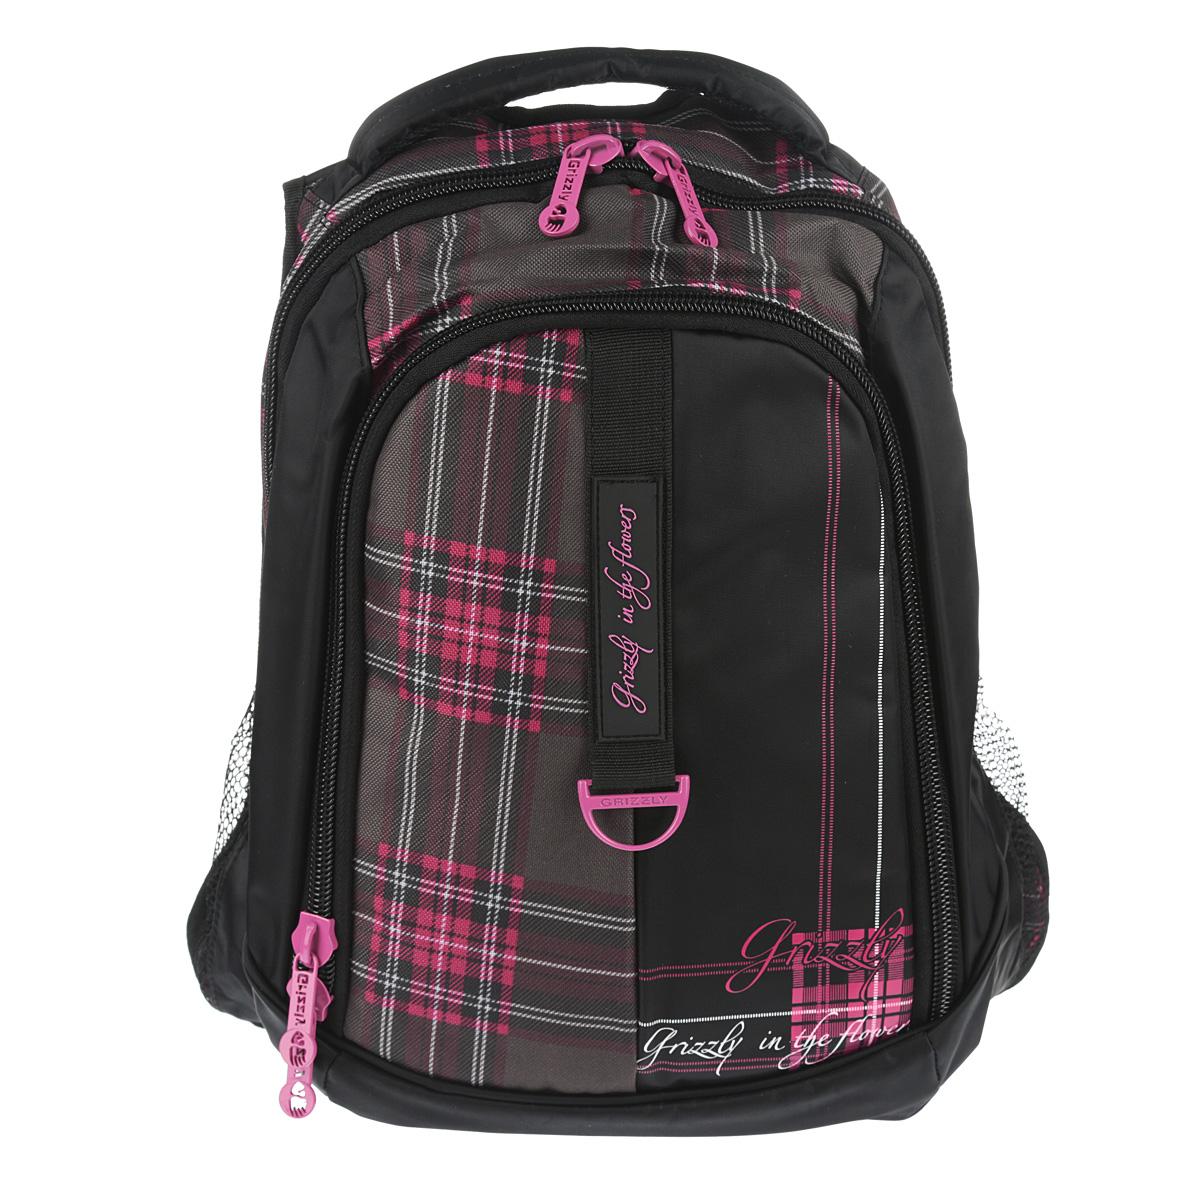 Рюкзак городской Grizzly, цвет: клетка фуксия, 24 л. RD-521-1/622-0570 SРюкзак с двумя отделениями, боковыми карманами с сеткой, карманом-пеналом, укрепленными лямками и спинкой